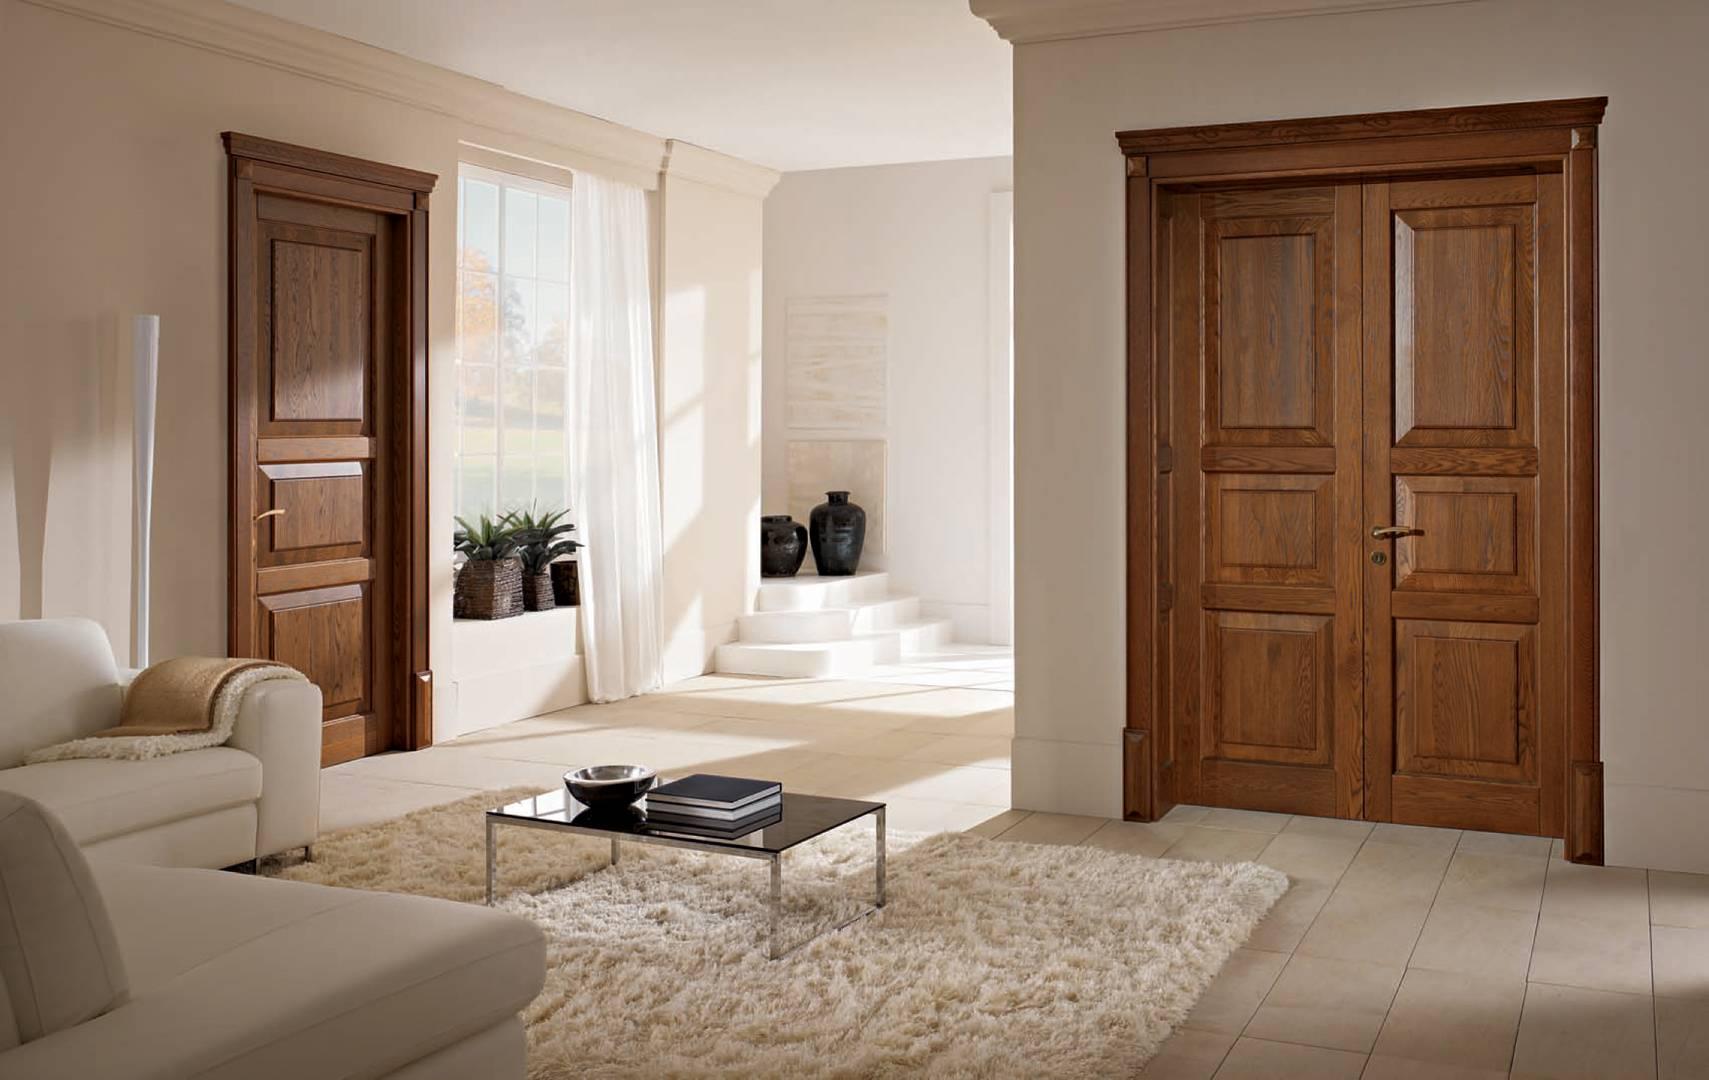 Филенчатые двери (48 фото): что это такое, межкомнатные деревянные модели из массива сосны или дуба, виды и размеры, отзывы